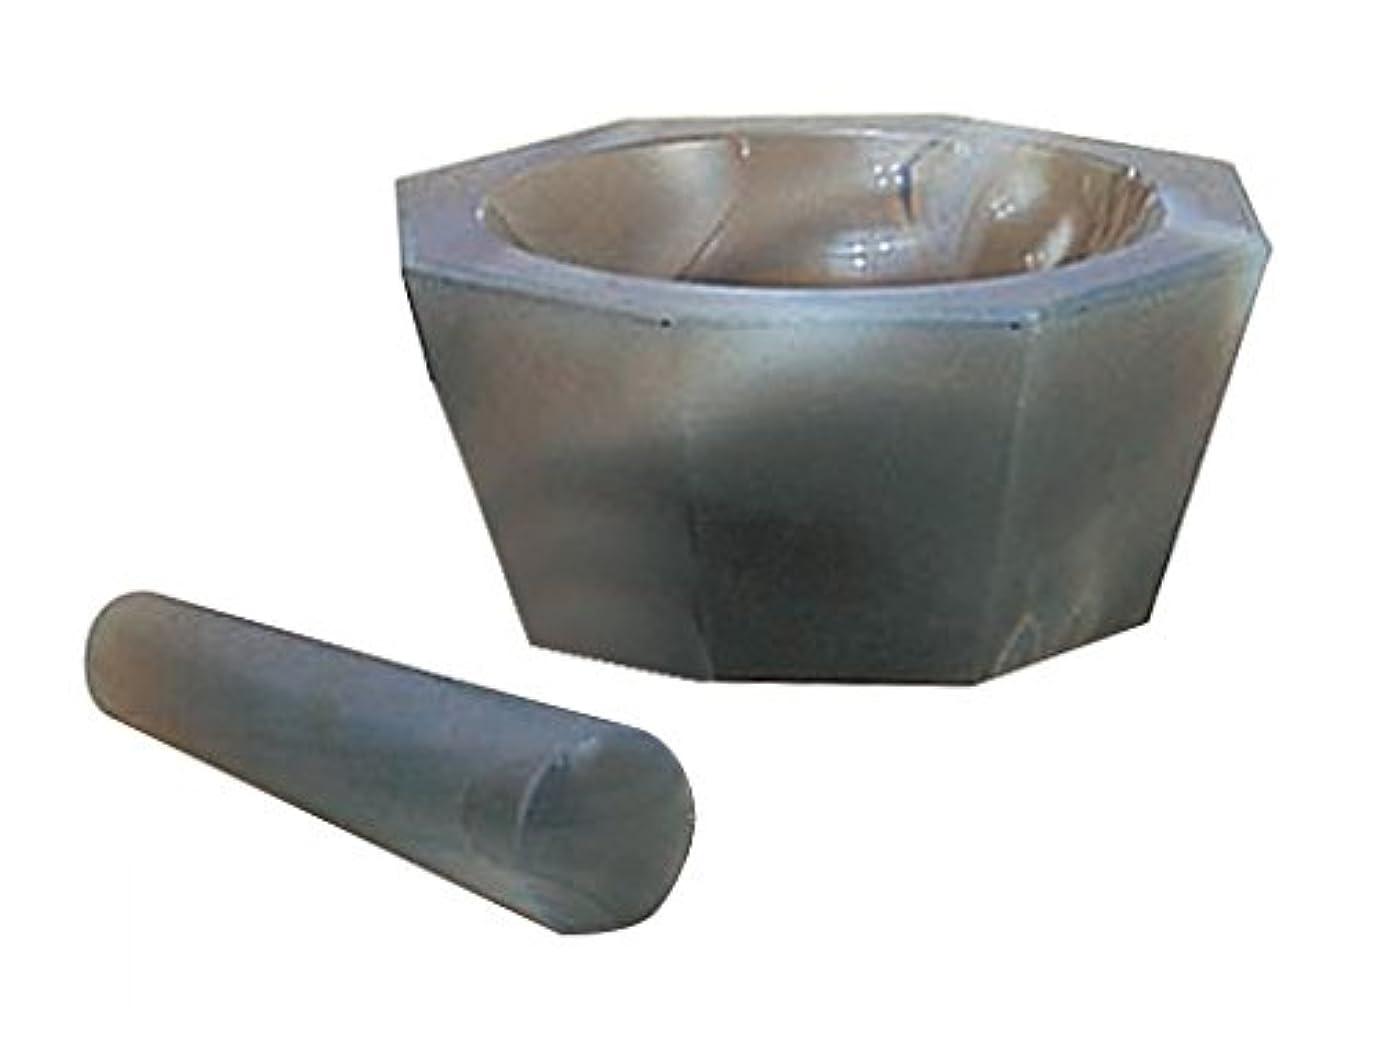 ペット口径貸し手城戸メノウ乳鉢製作所 メノー乳鉢 浅型 乳棒付き